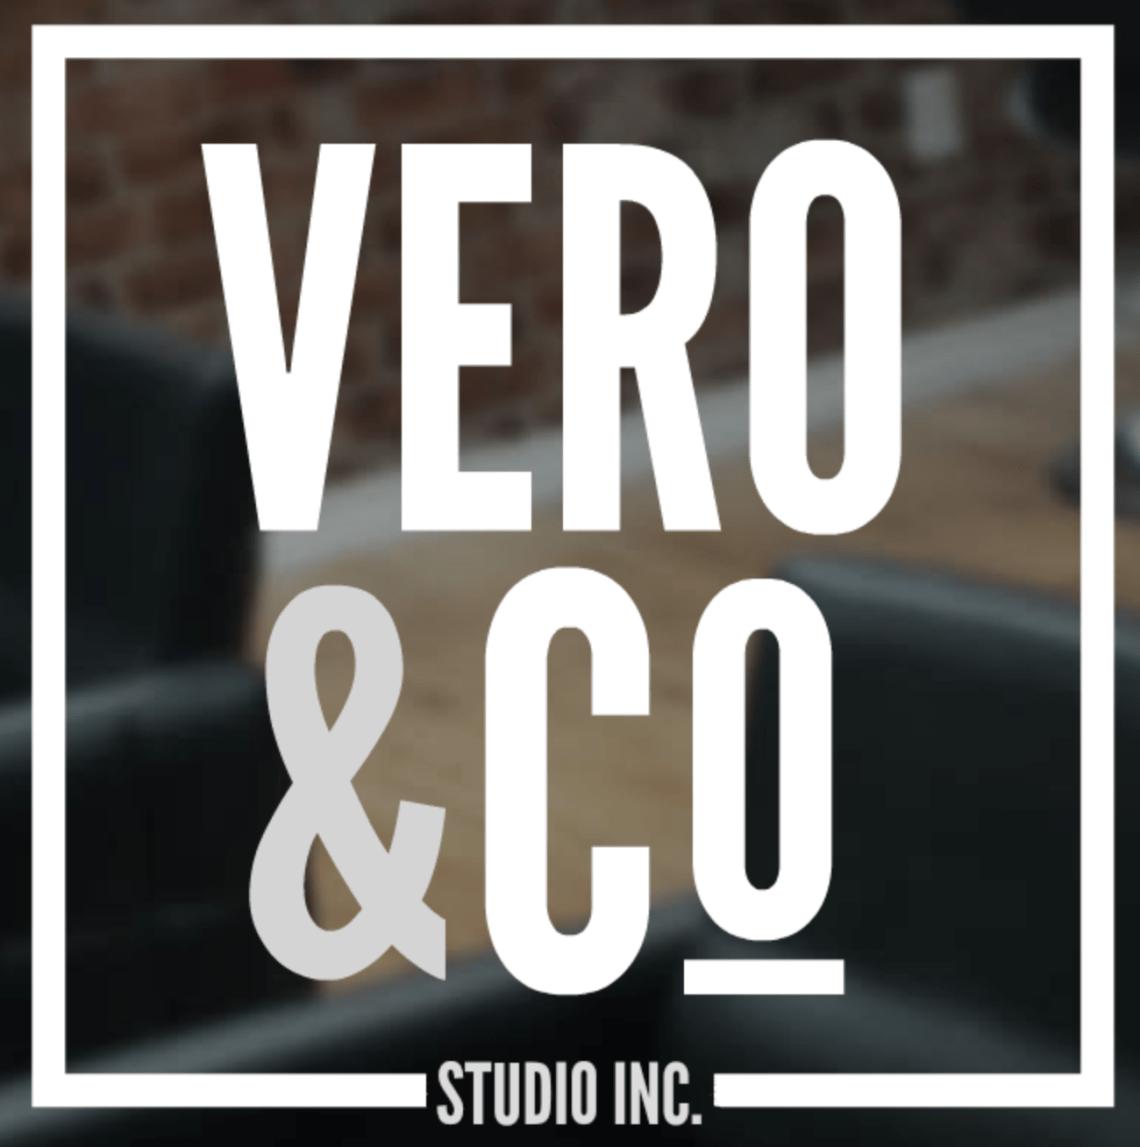 VERO and CO logo